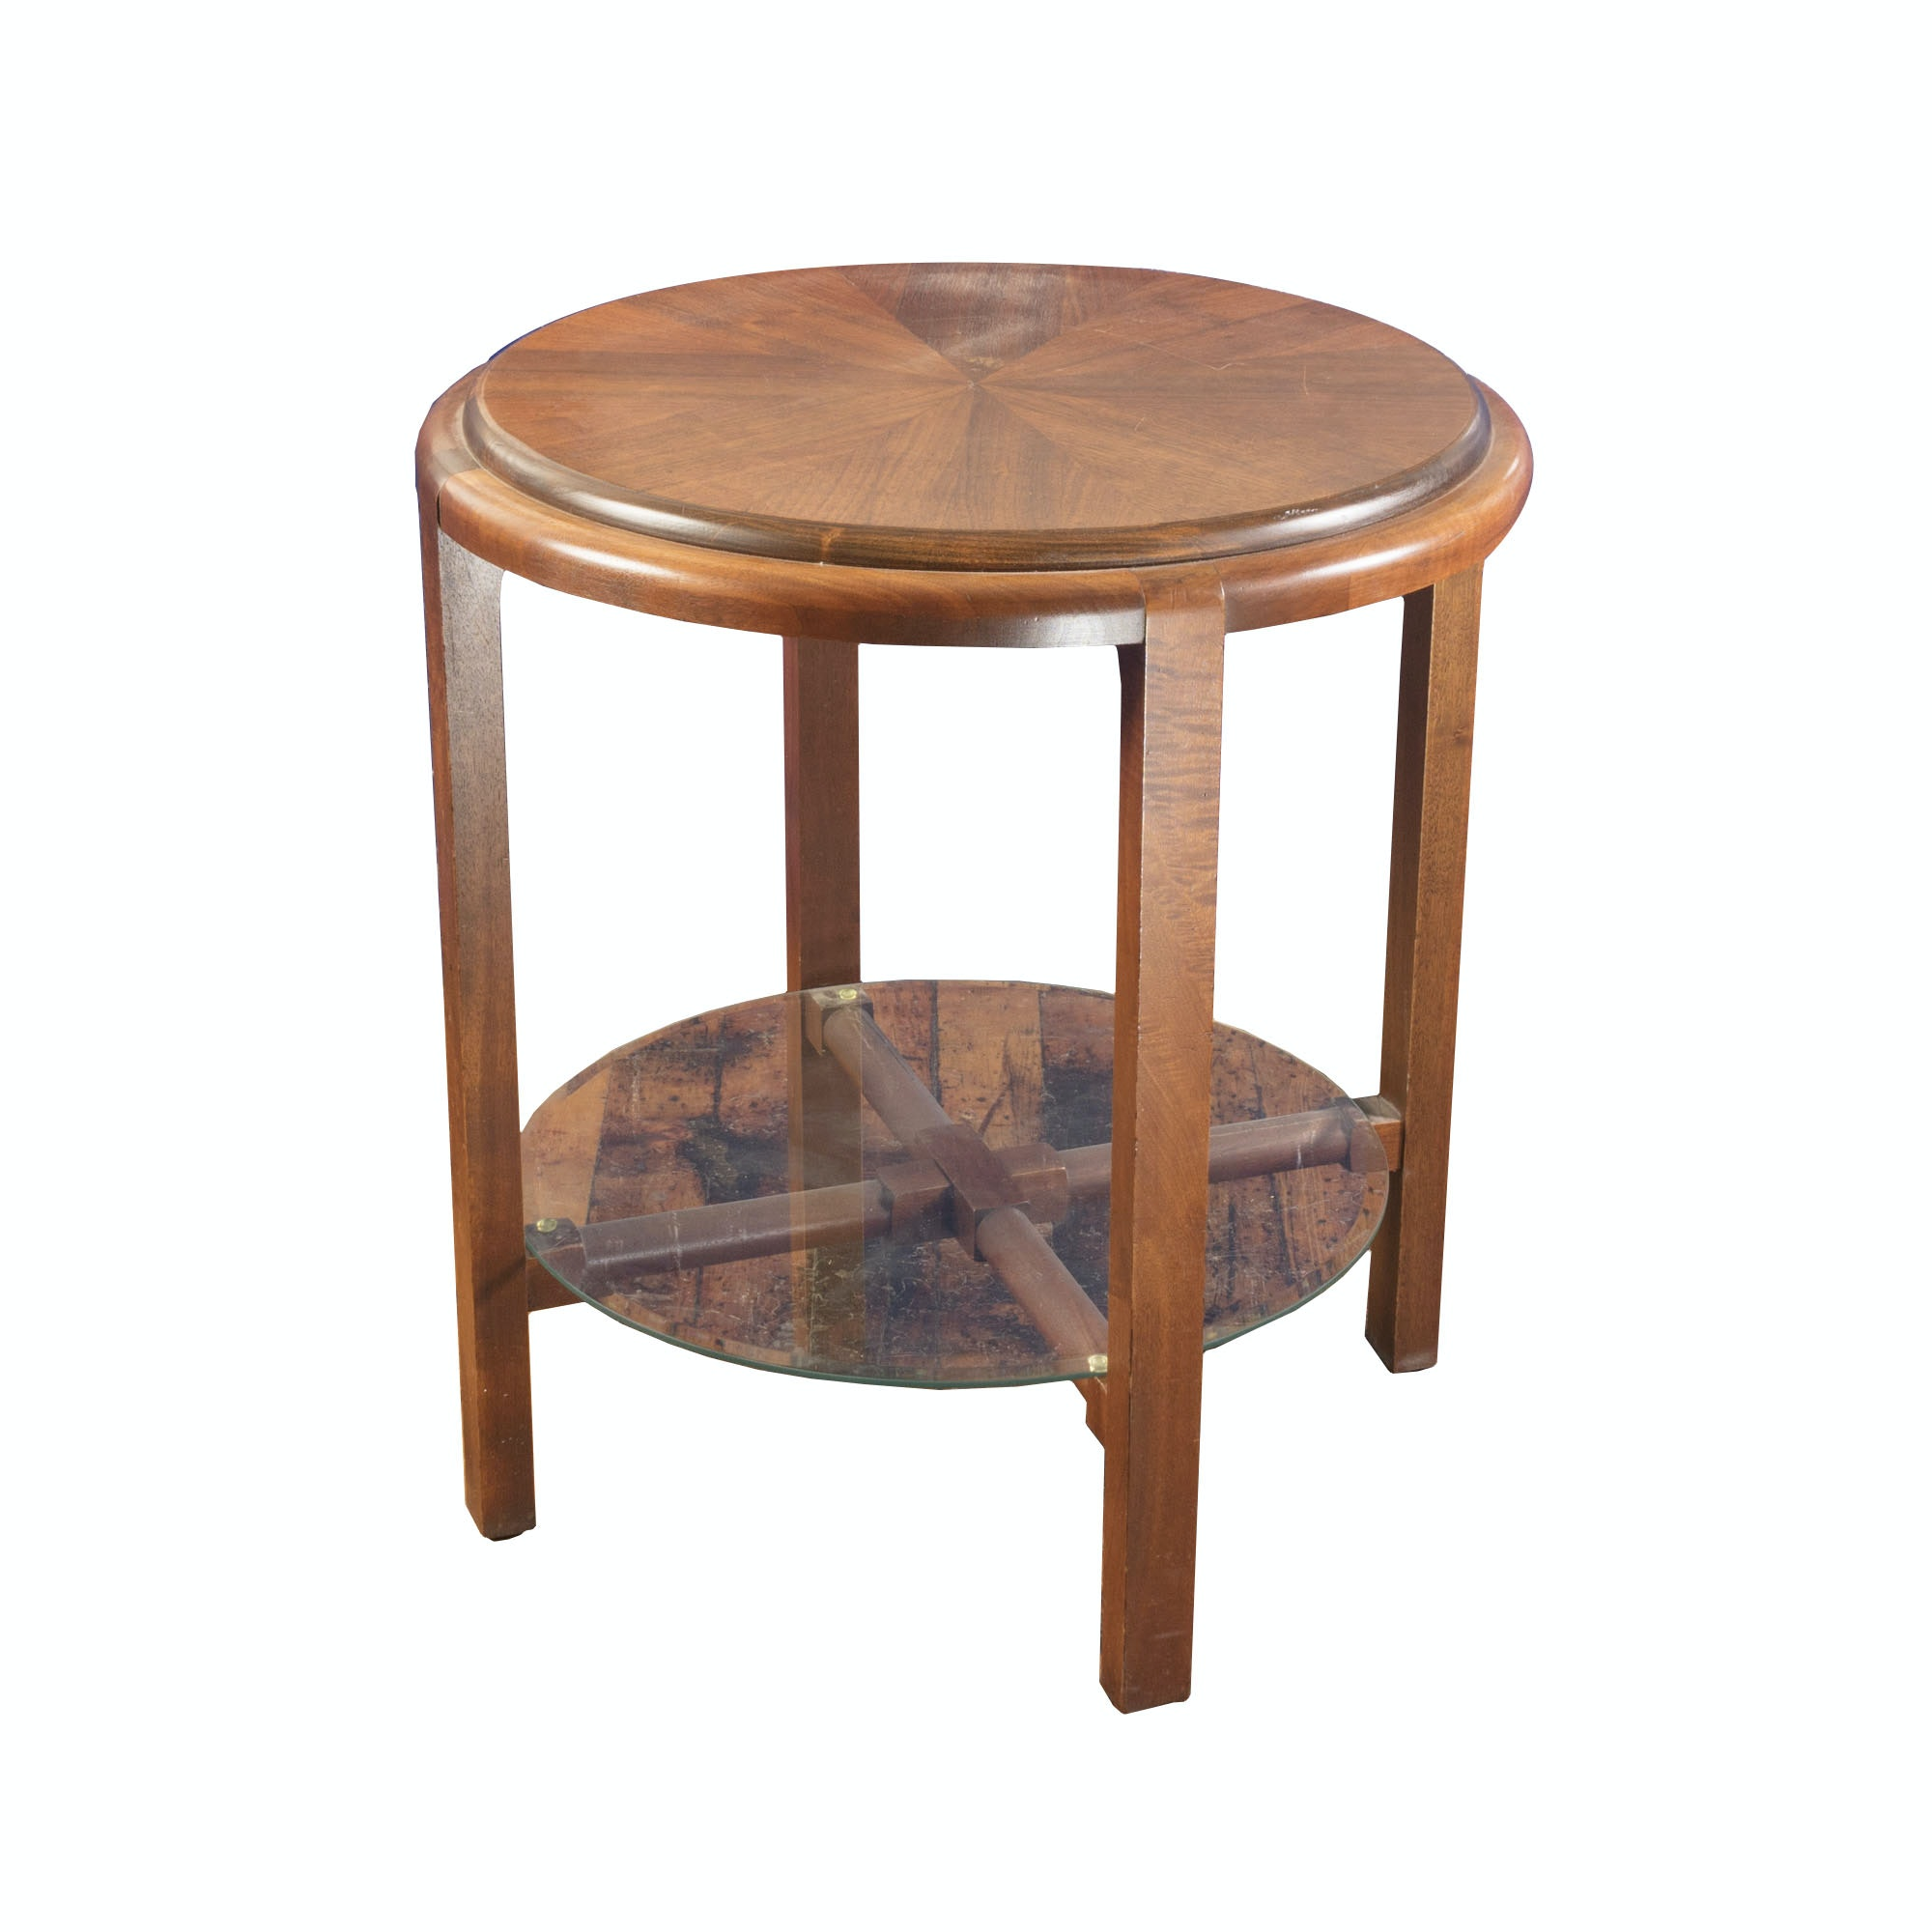 Walnut Parquet Round Table